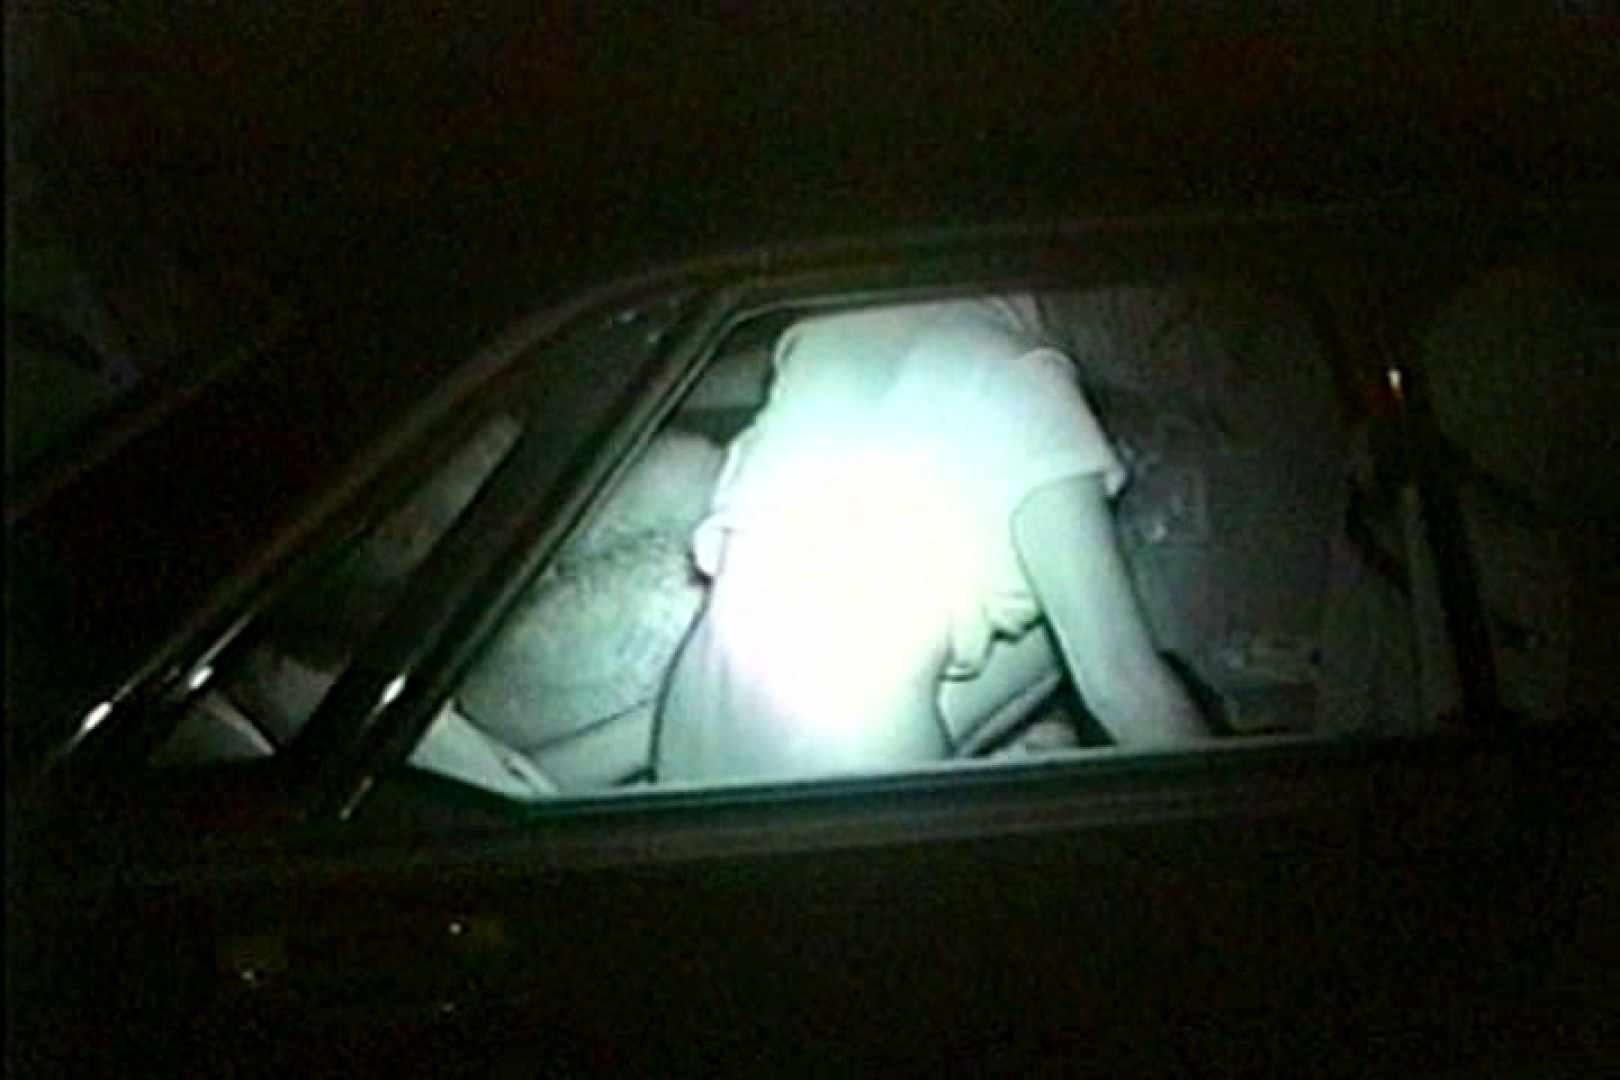 車の中はラブホテル 無修正版  Vol.6 カーセックス 盗撮画像 31連発 8